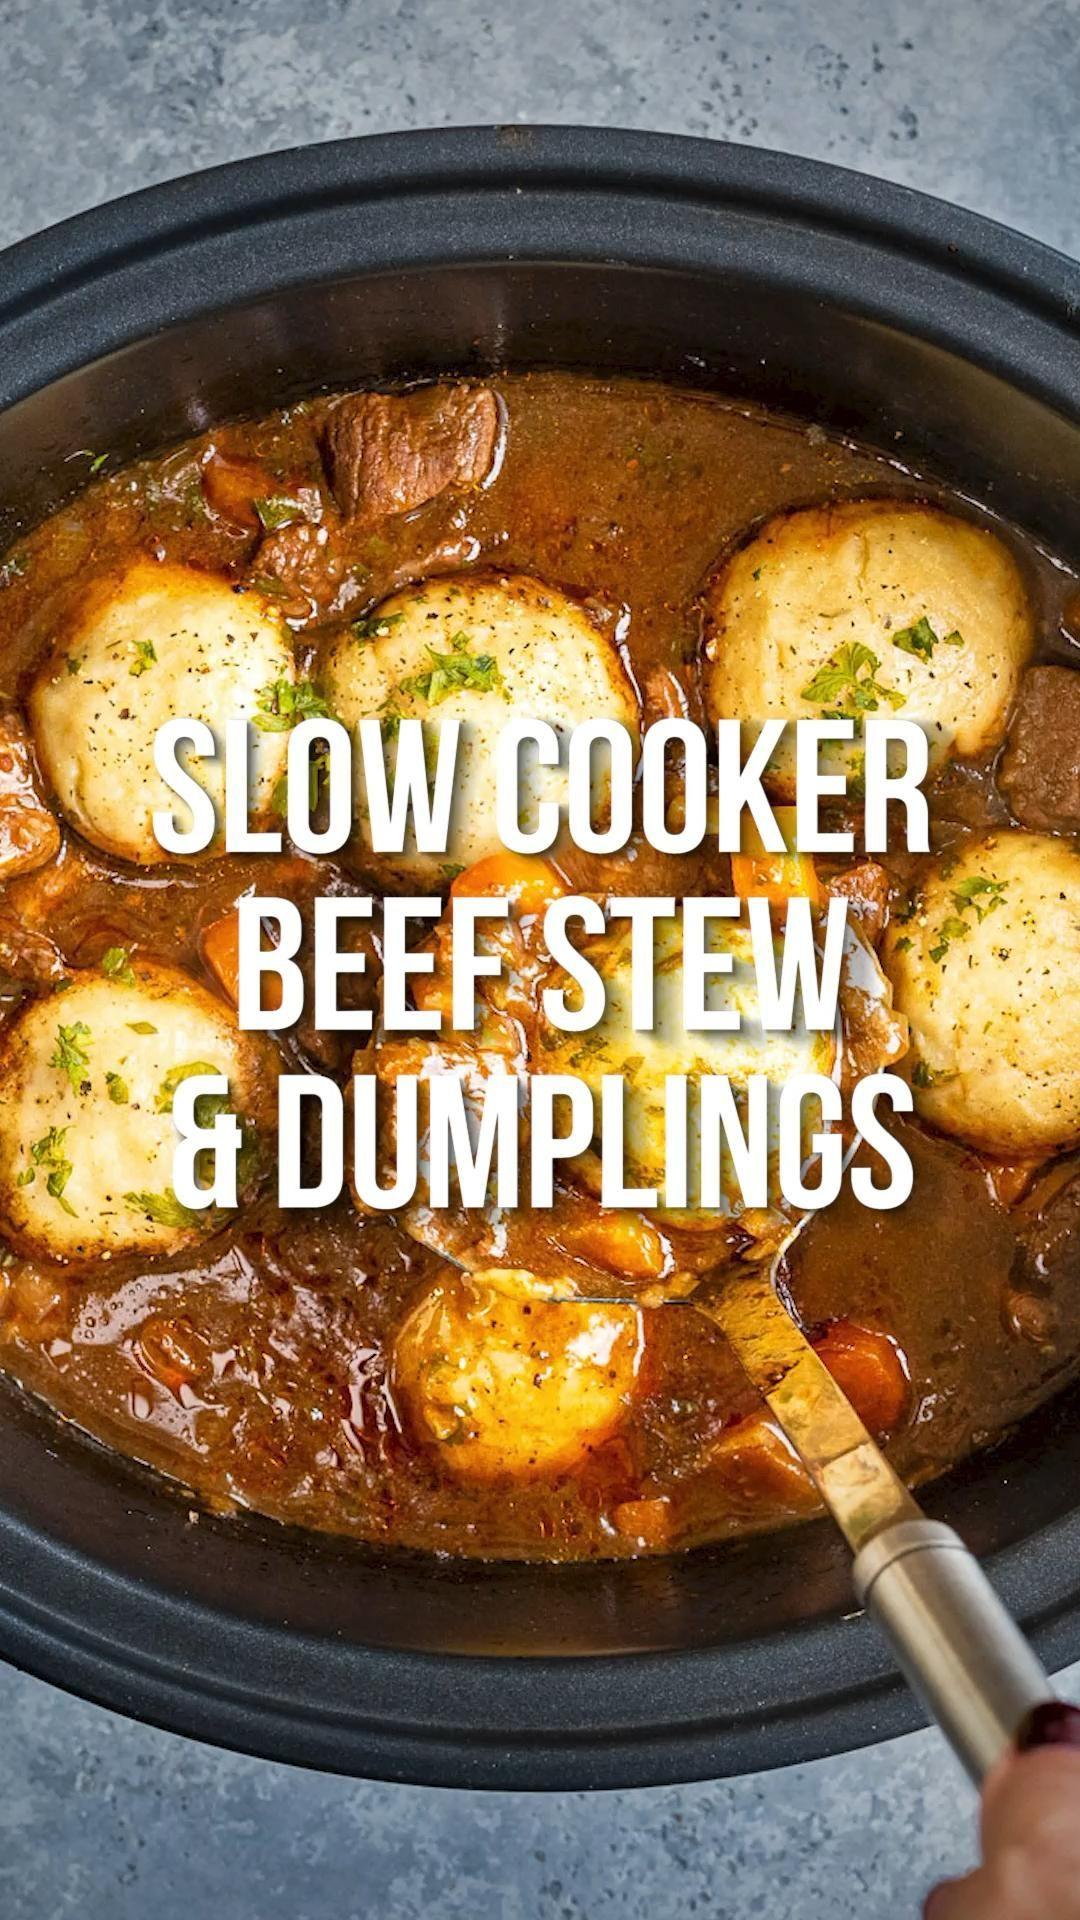 Slow Cooker Beef Stew And Dumplings Supergolden Bakes Slow Cooker Recipes Beef Crockpot Recipes Beef Stew Crockpot Recipes Slow Cooker